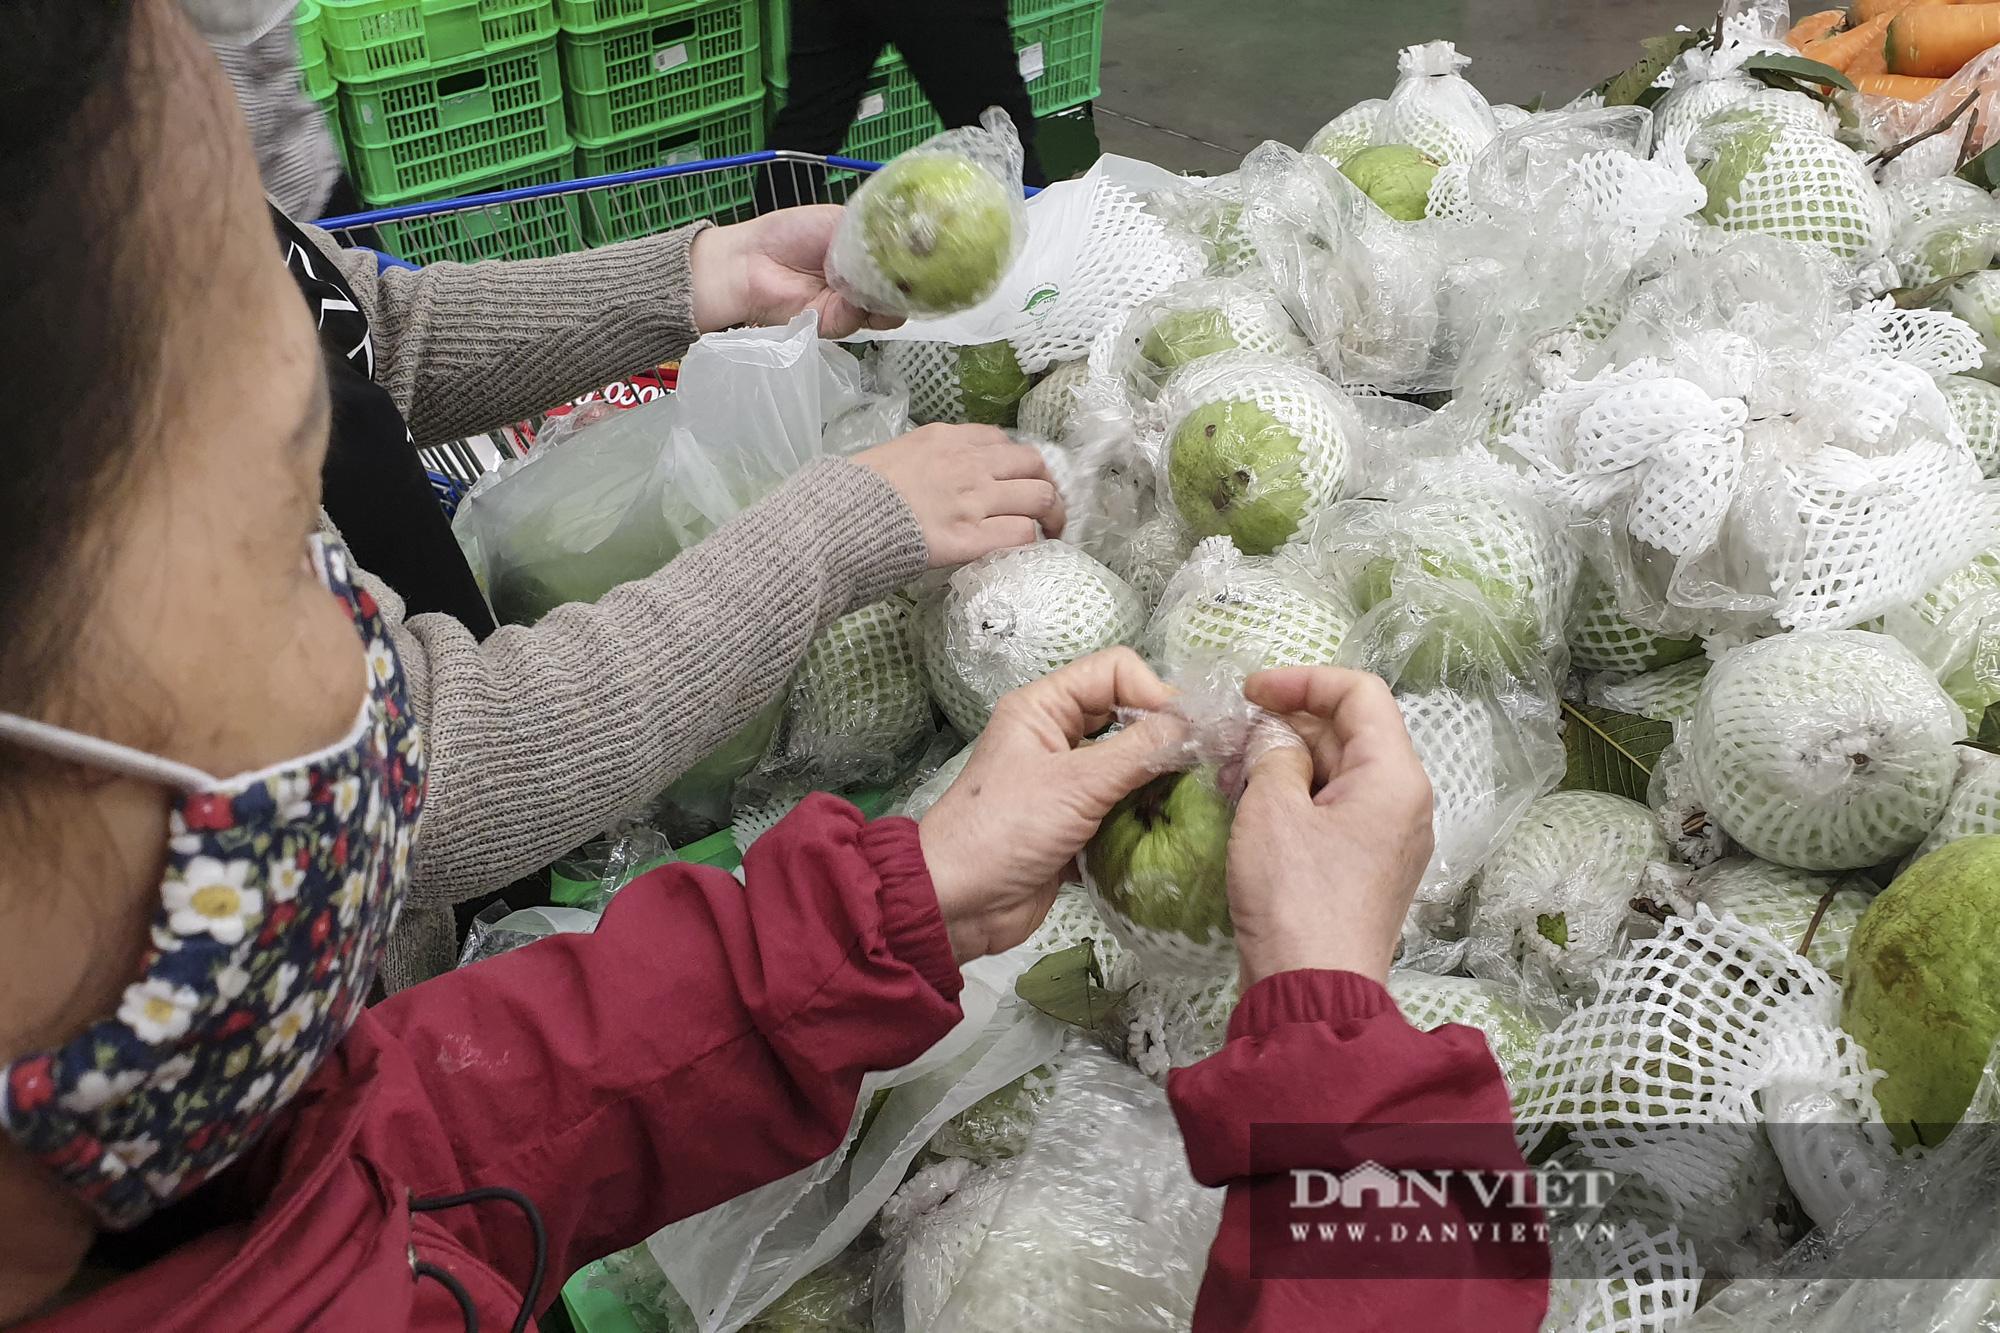 Nhiều hệ thống siêu thị Hà Nội bắt đầu bán nông sản Hải Dương - Ảnh 5.